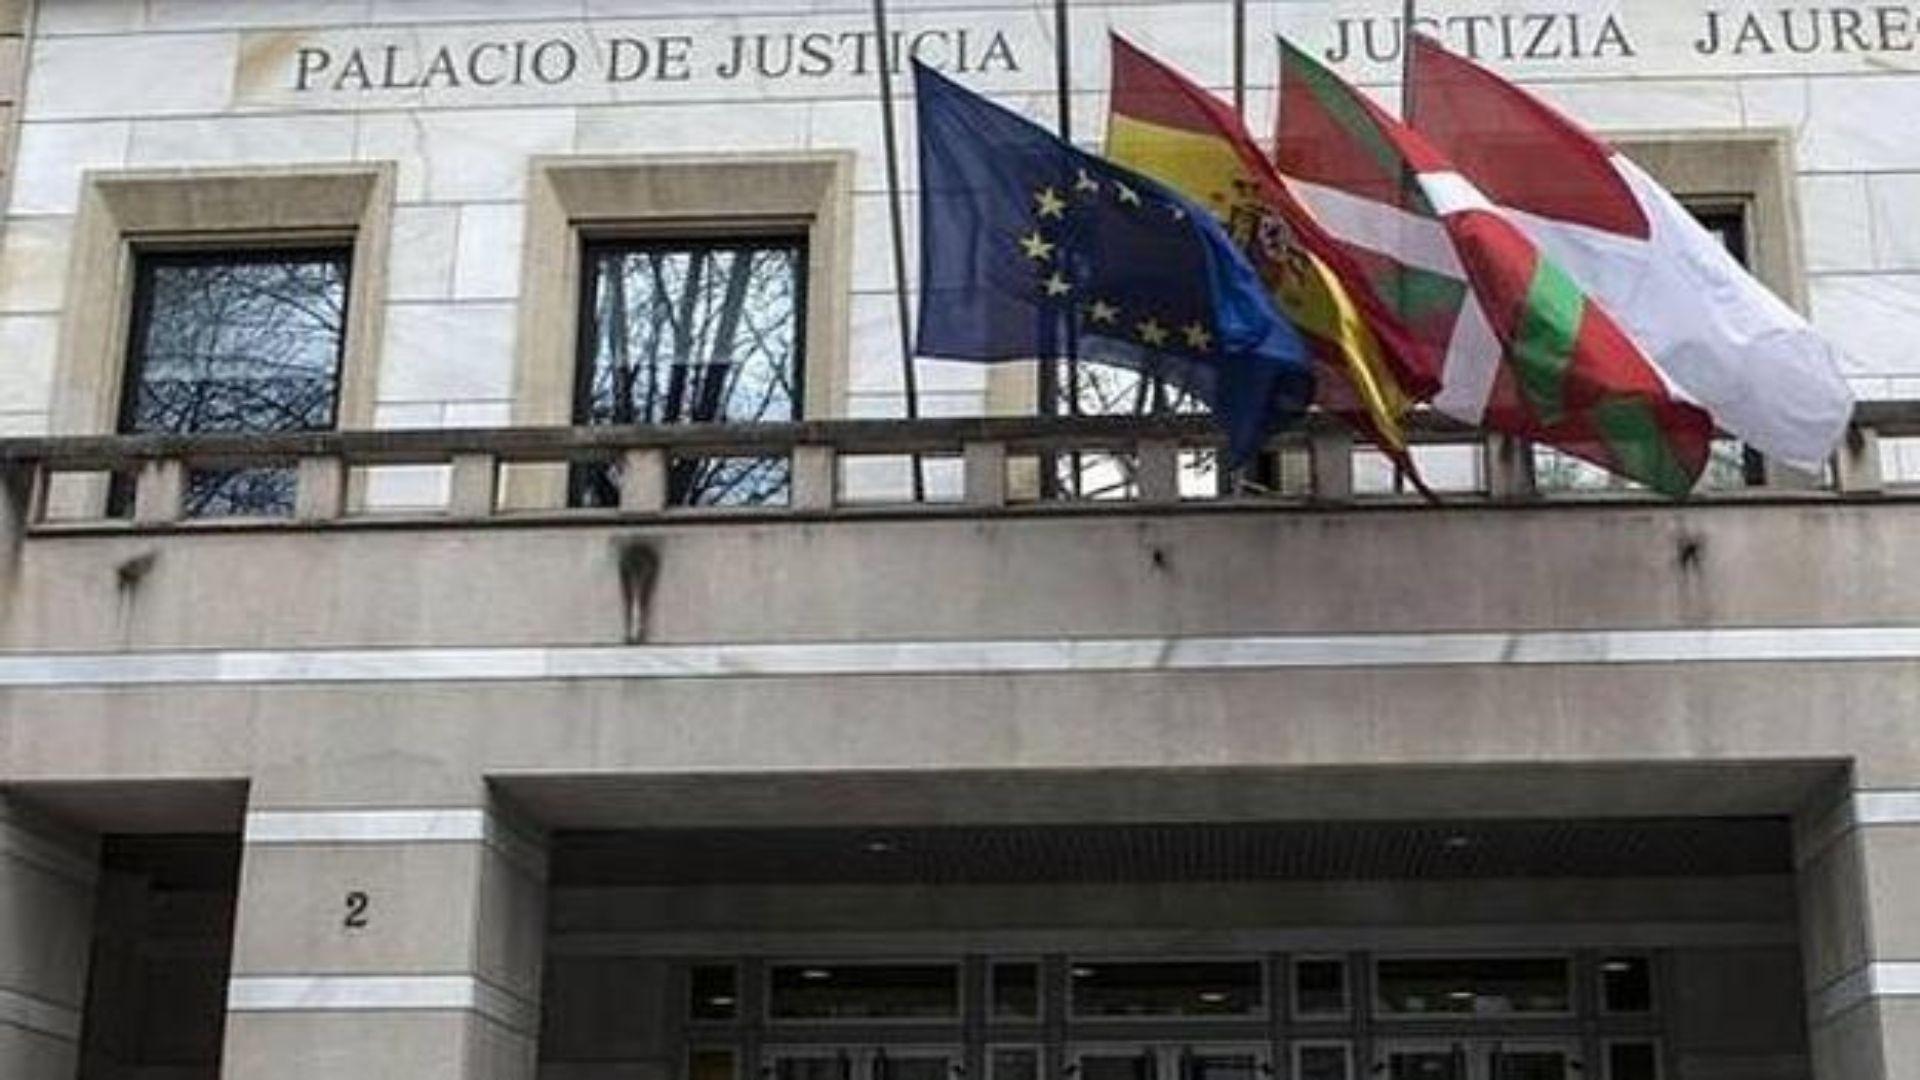 palacio-justicia-kVhE-U502174152214bx-624x385@El Correo (1)